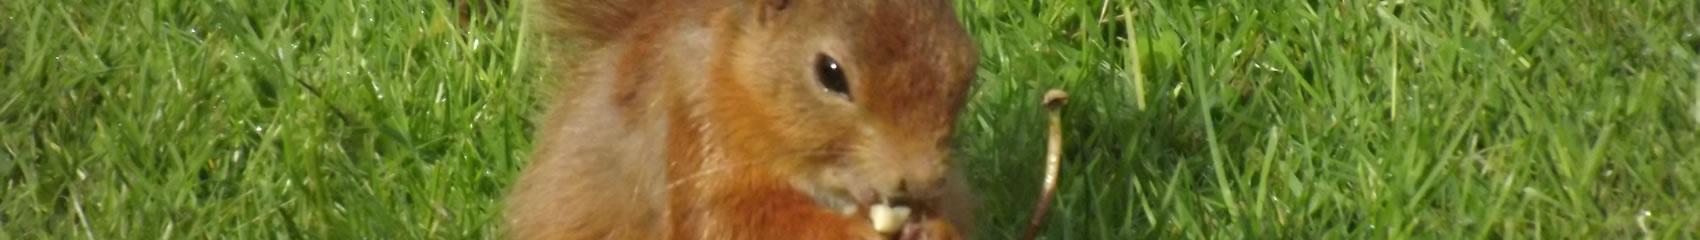 squirrel-slider-20